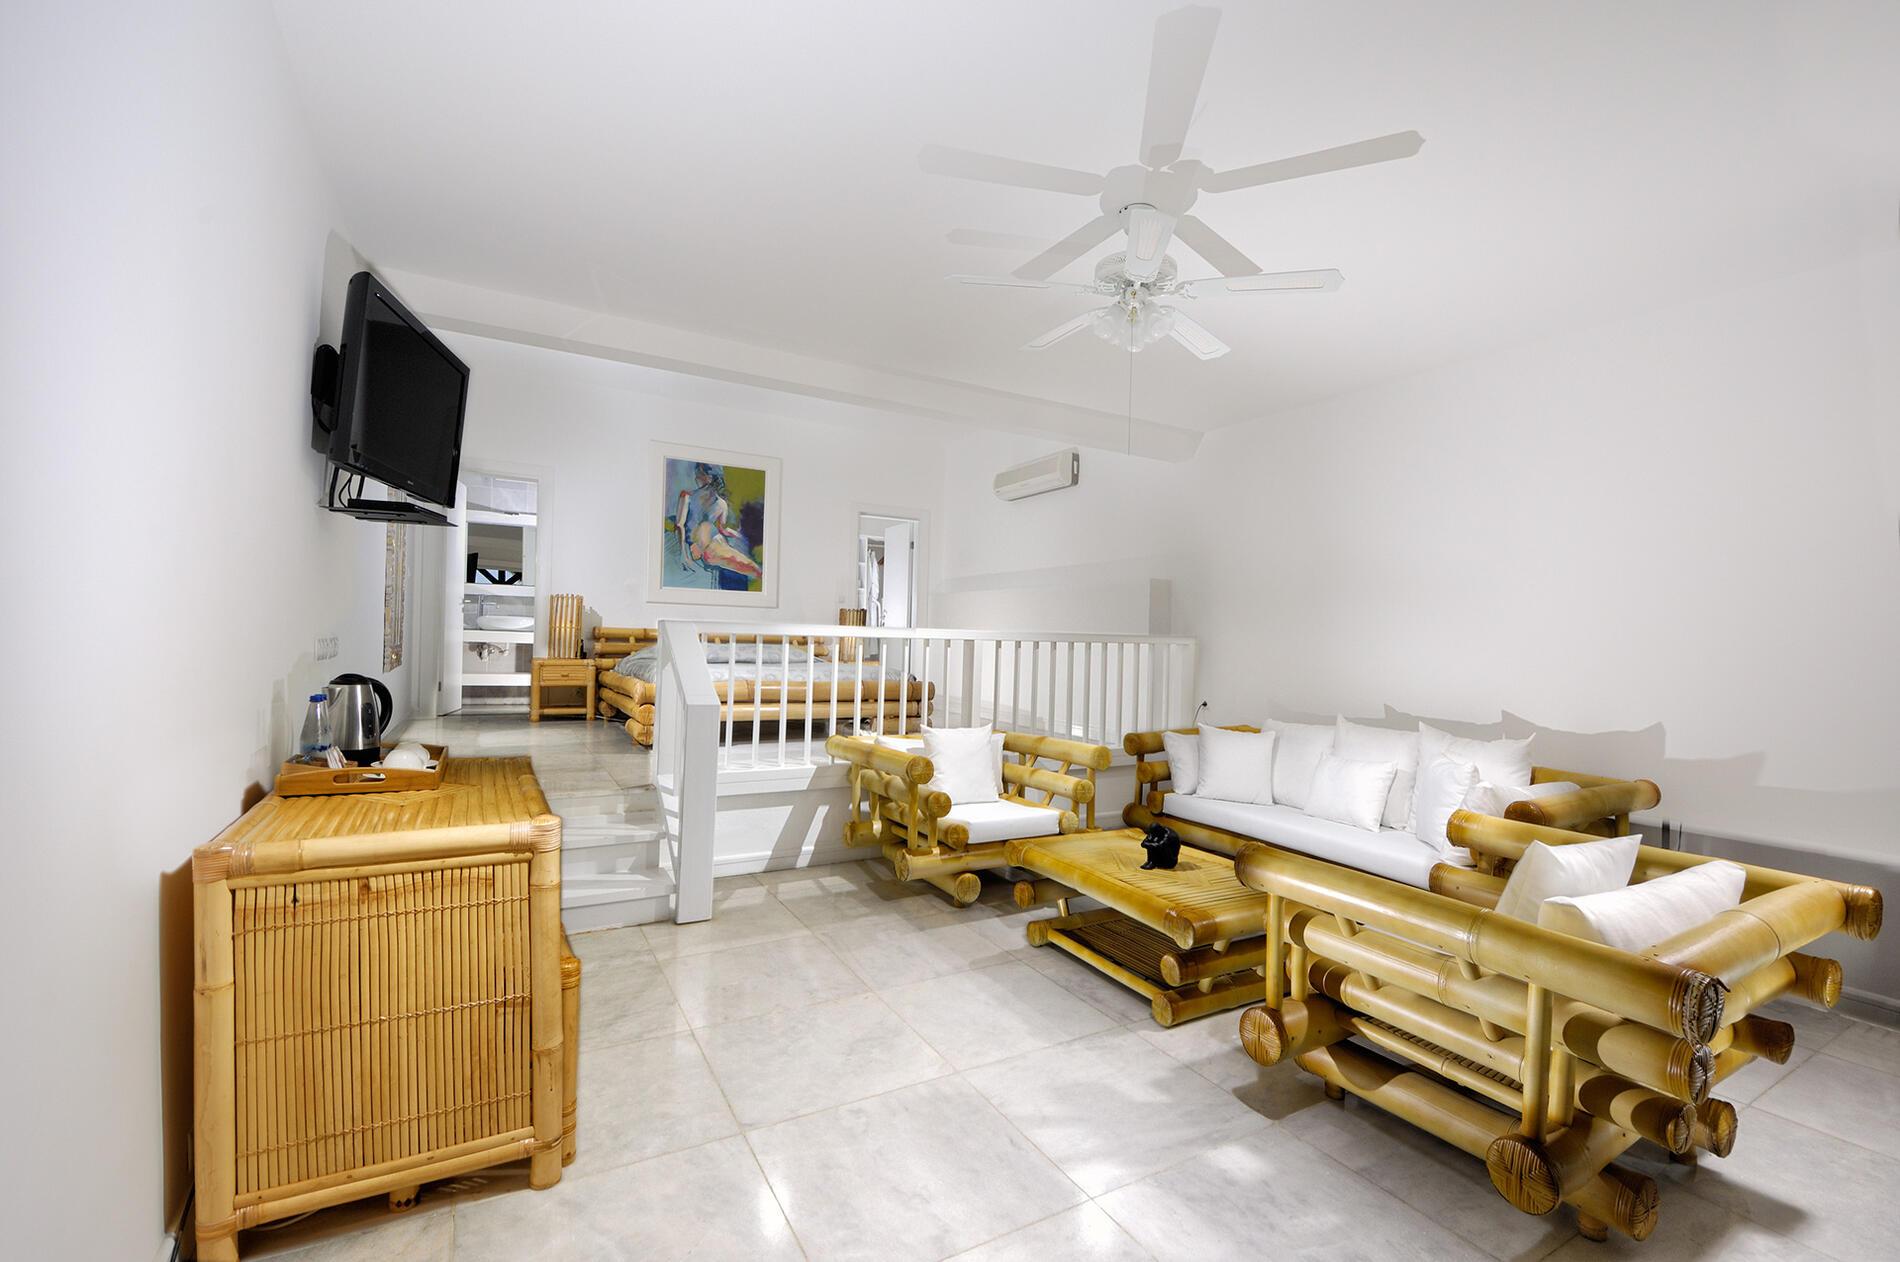 Superior Room at Sarpedor Boutique Beach Hotel in Bodrum, Turkey